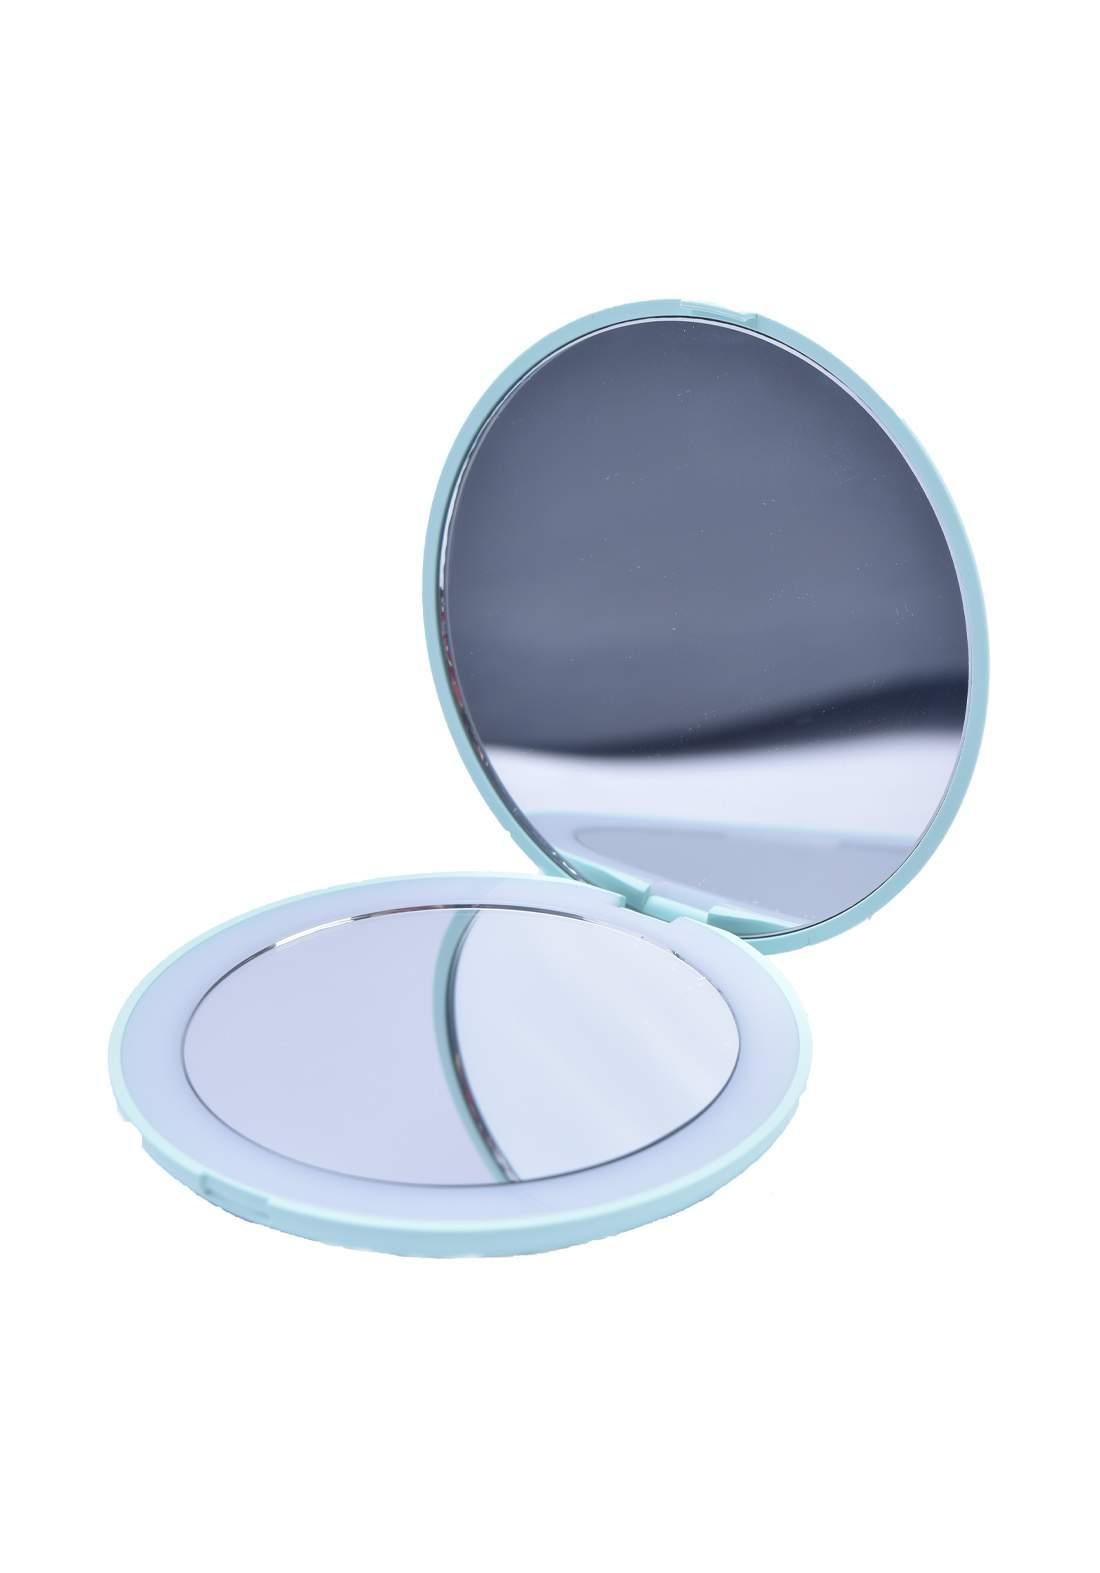 Led Mirror  مرآة  دائرية الشكل مع انارة ضوئية